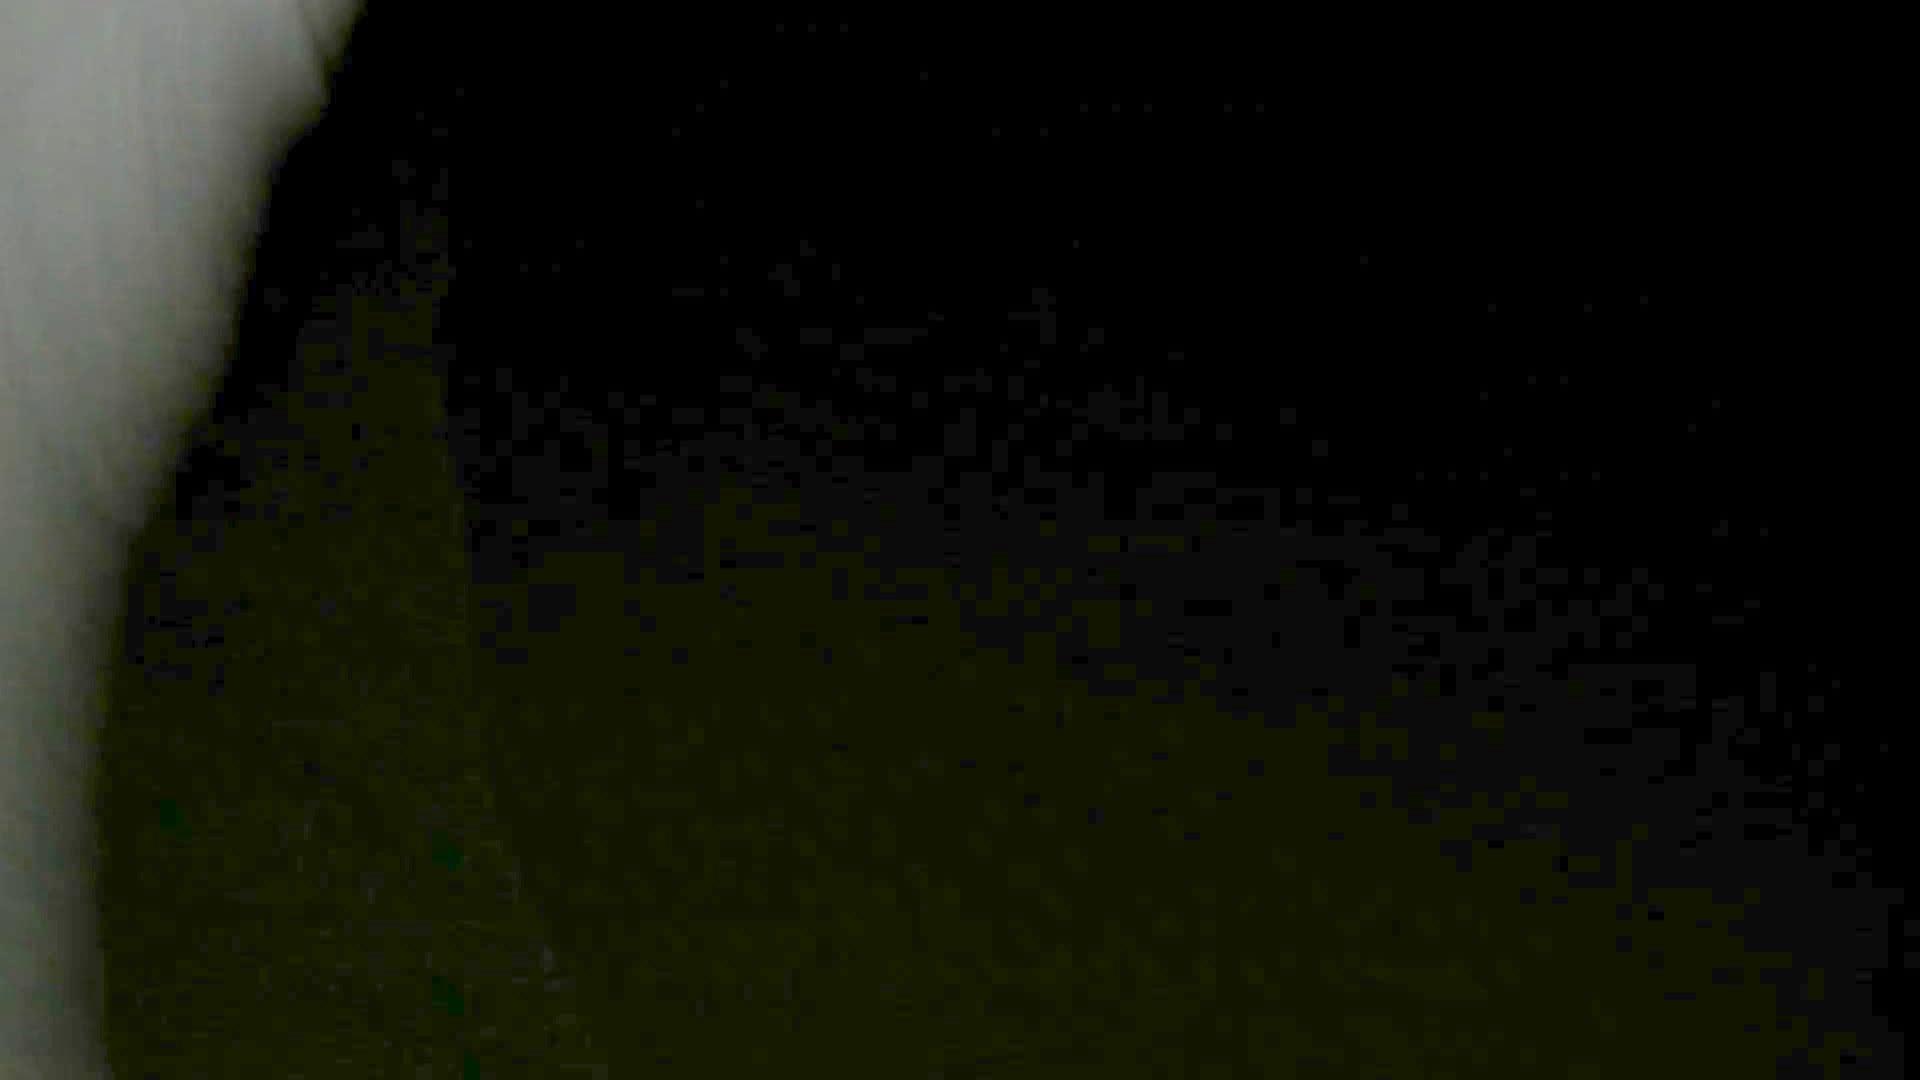 無修正エロ動画 新世界の射窓 無料お試し動画 怪盗ジョーカー